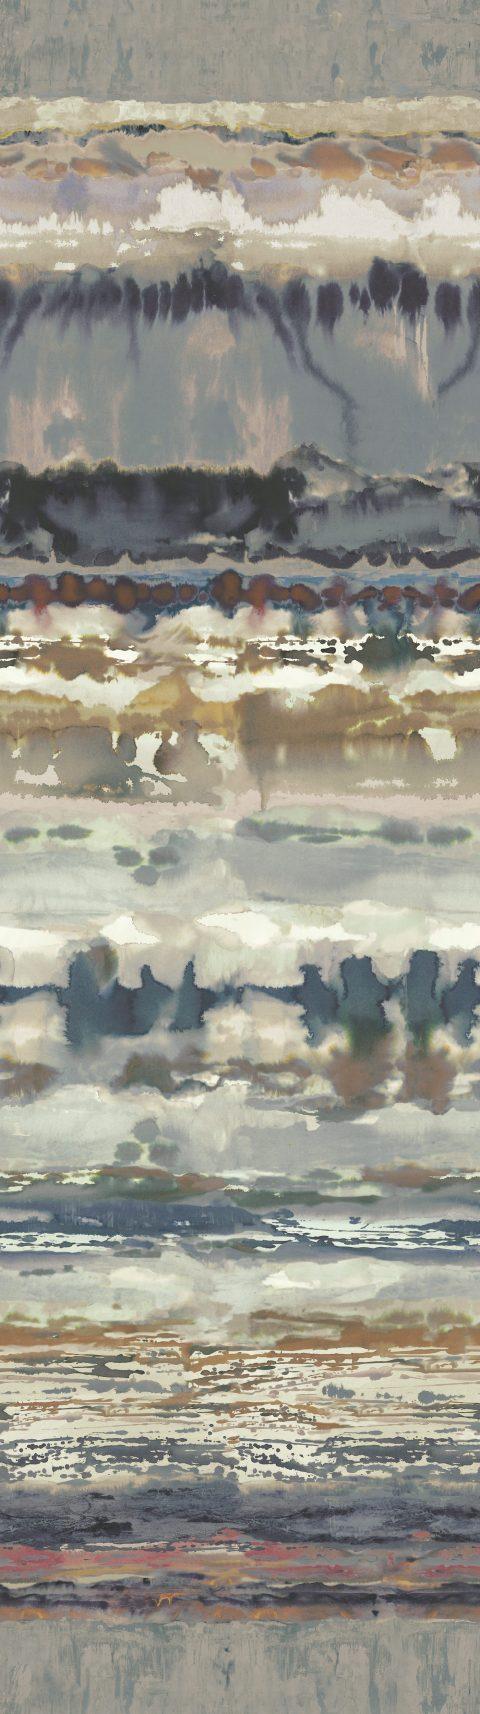 FLATtempest-wallpaper